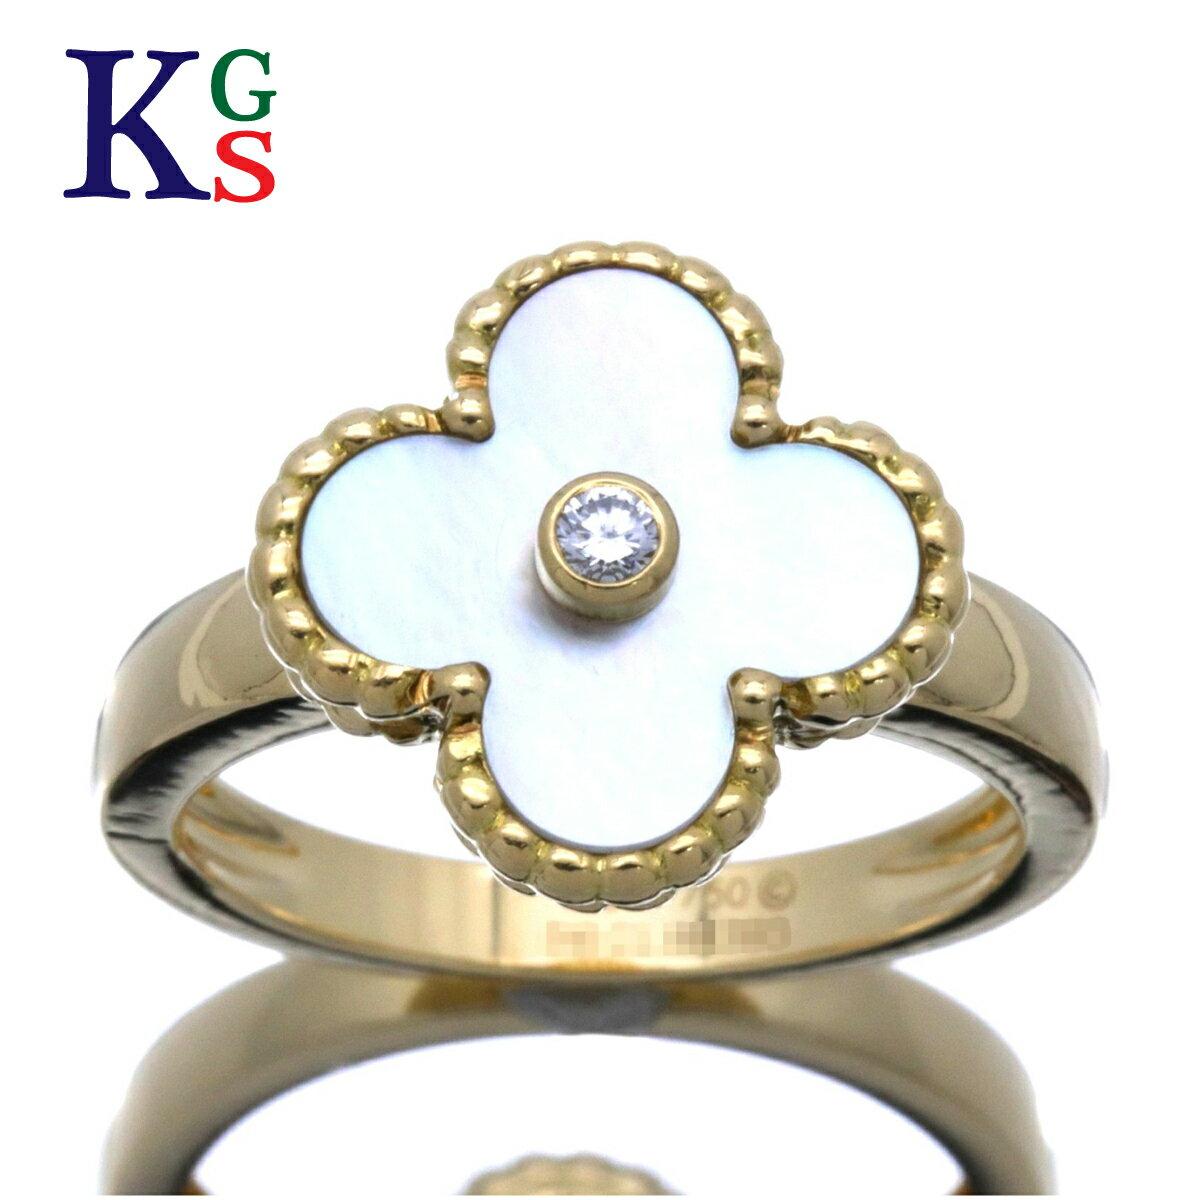 レディースジュエリー・アクセサリー, 指輪・リング Van Cleef Arpels K18YG 1015